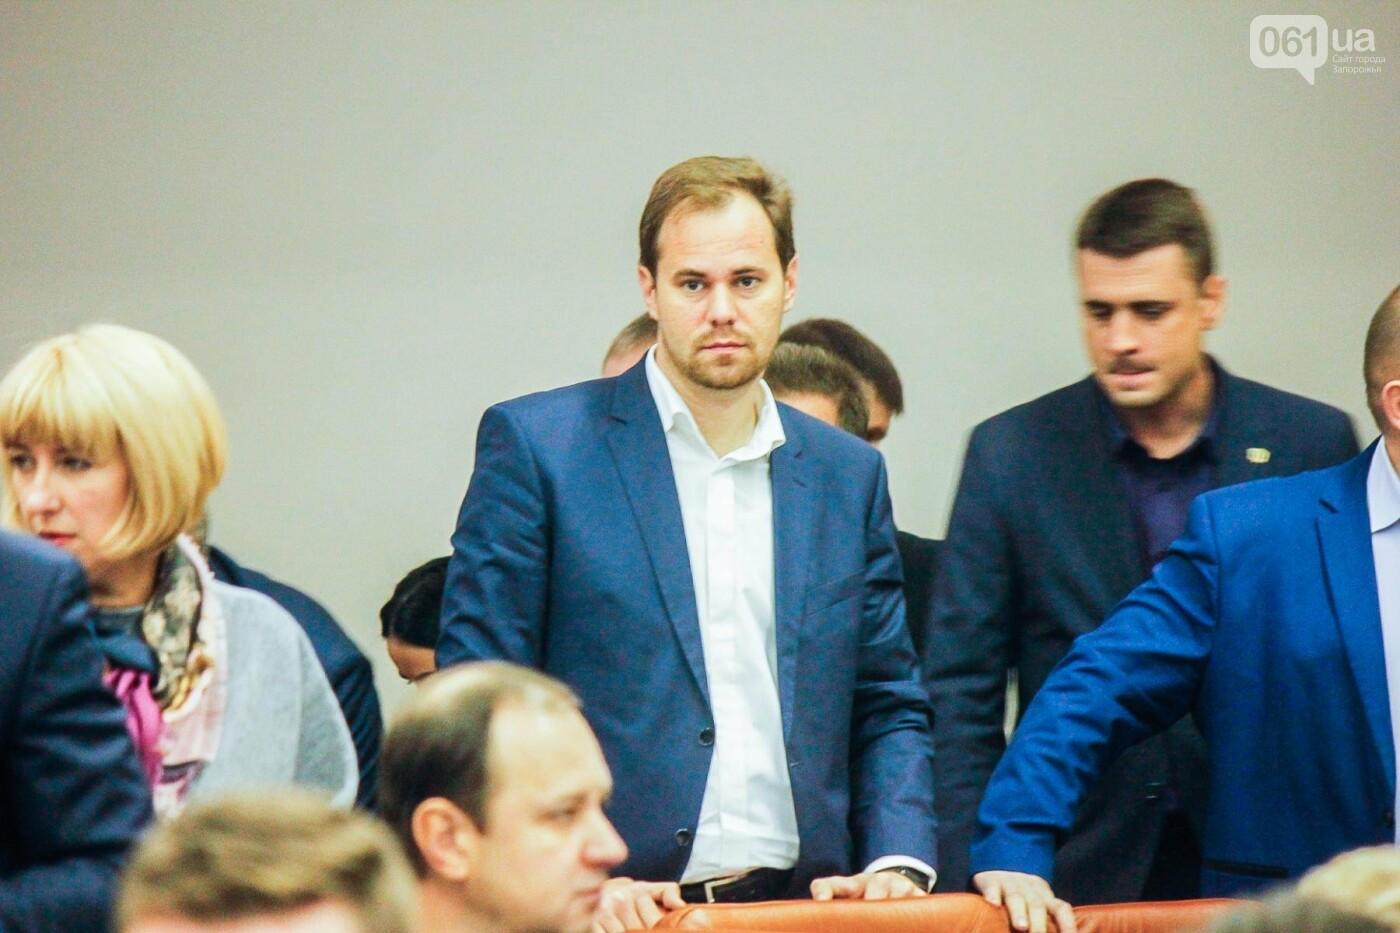 Сессия запорожского горсовета в лицах, - ФОТОРЕПОРТАЖ, фото-23